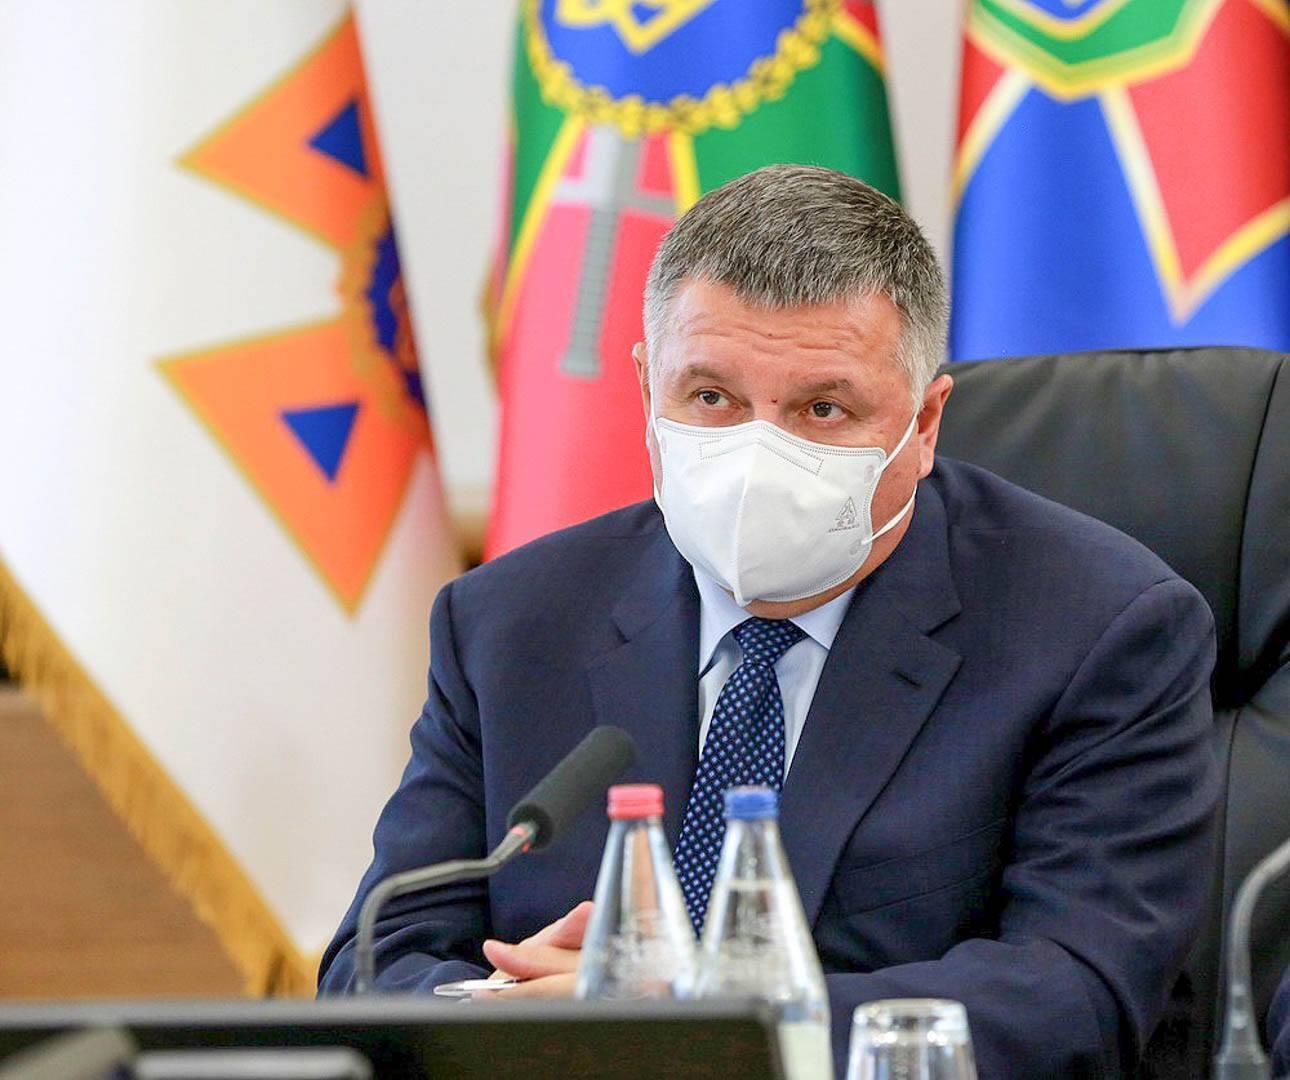 Аваков призвал участников выборов соблюдать закон.